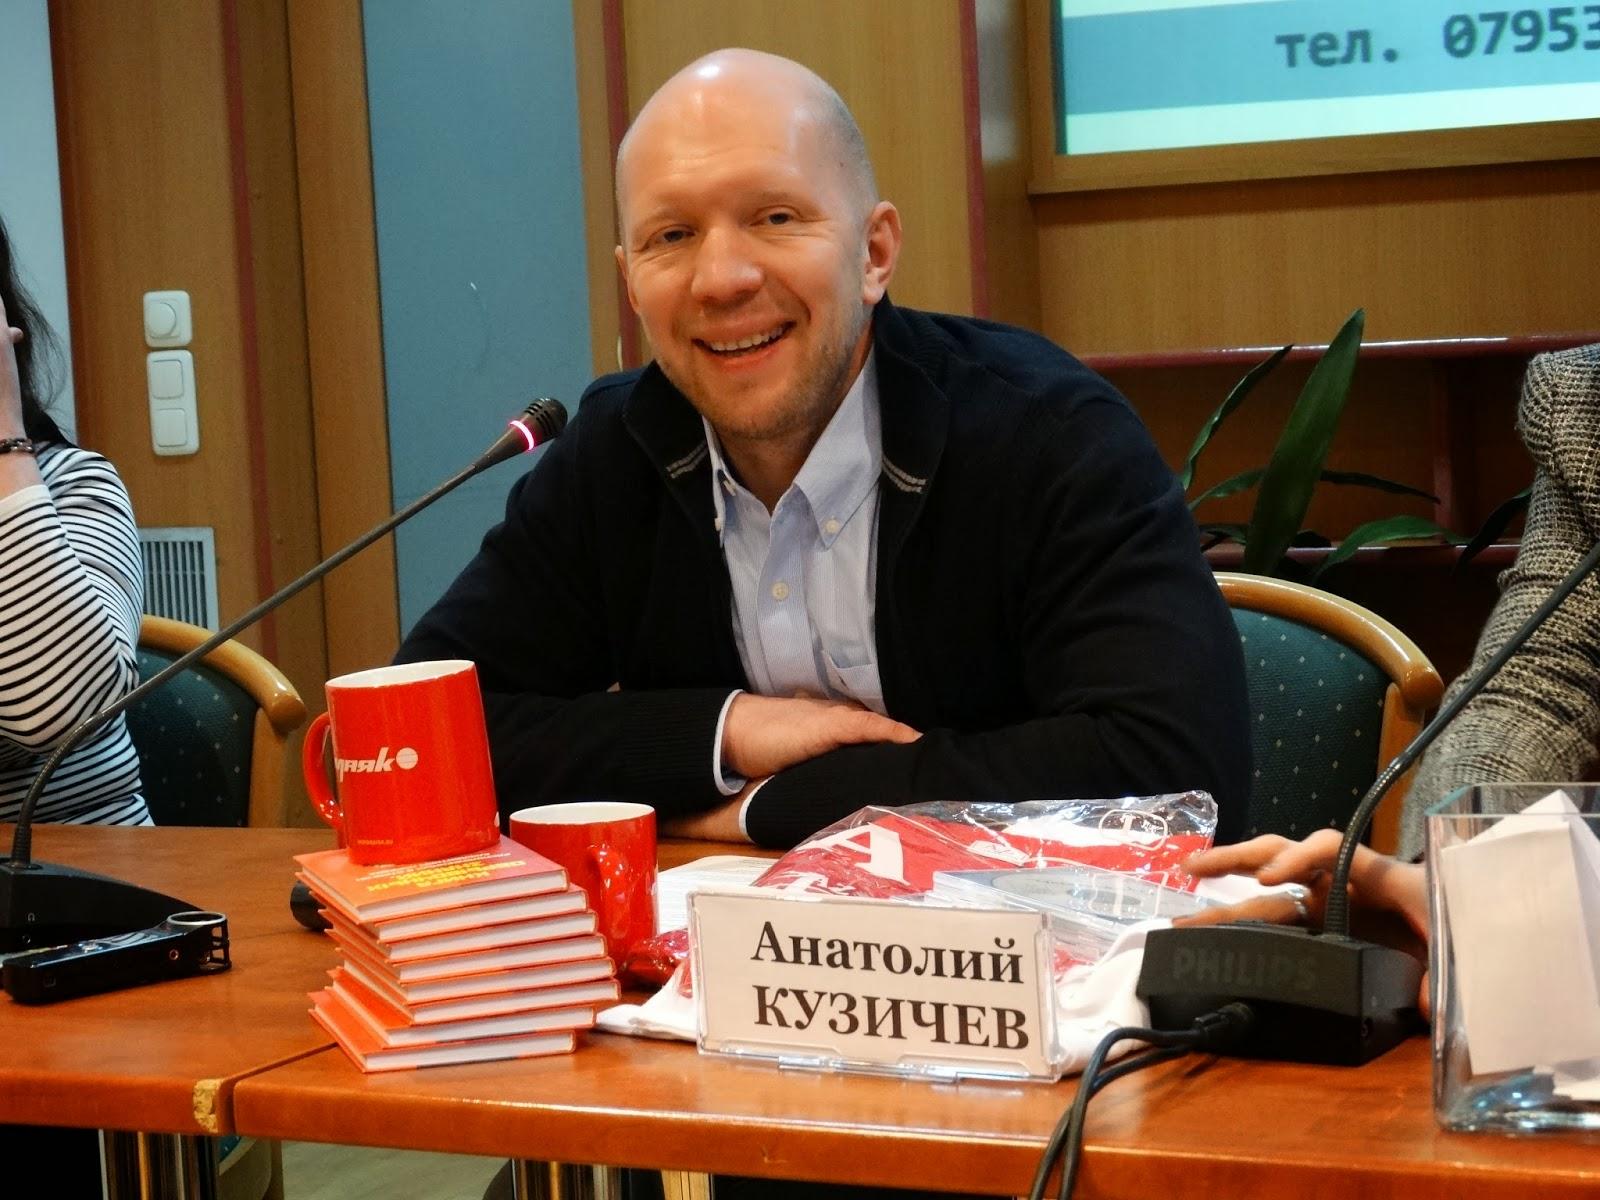 Анатолий Кузичев, Маяк, Вести, главрадио